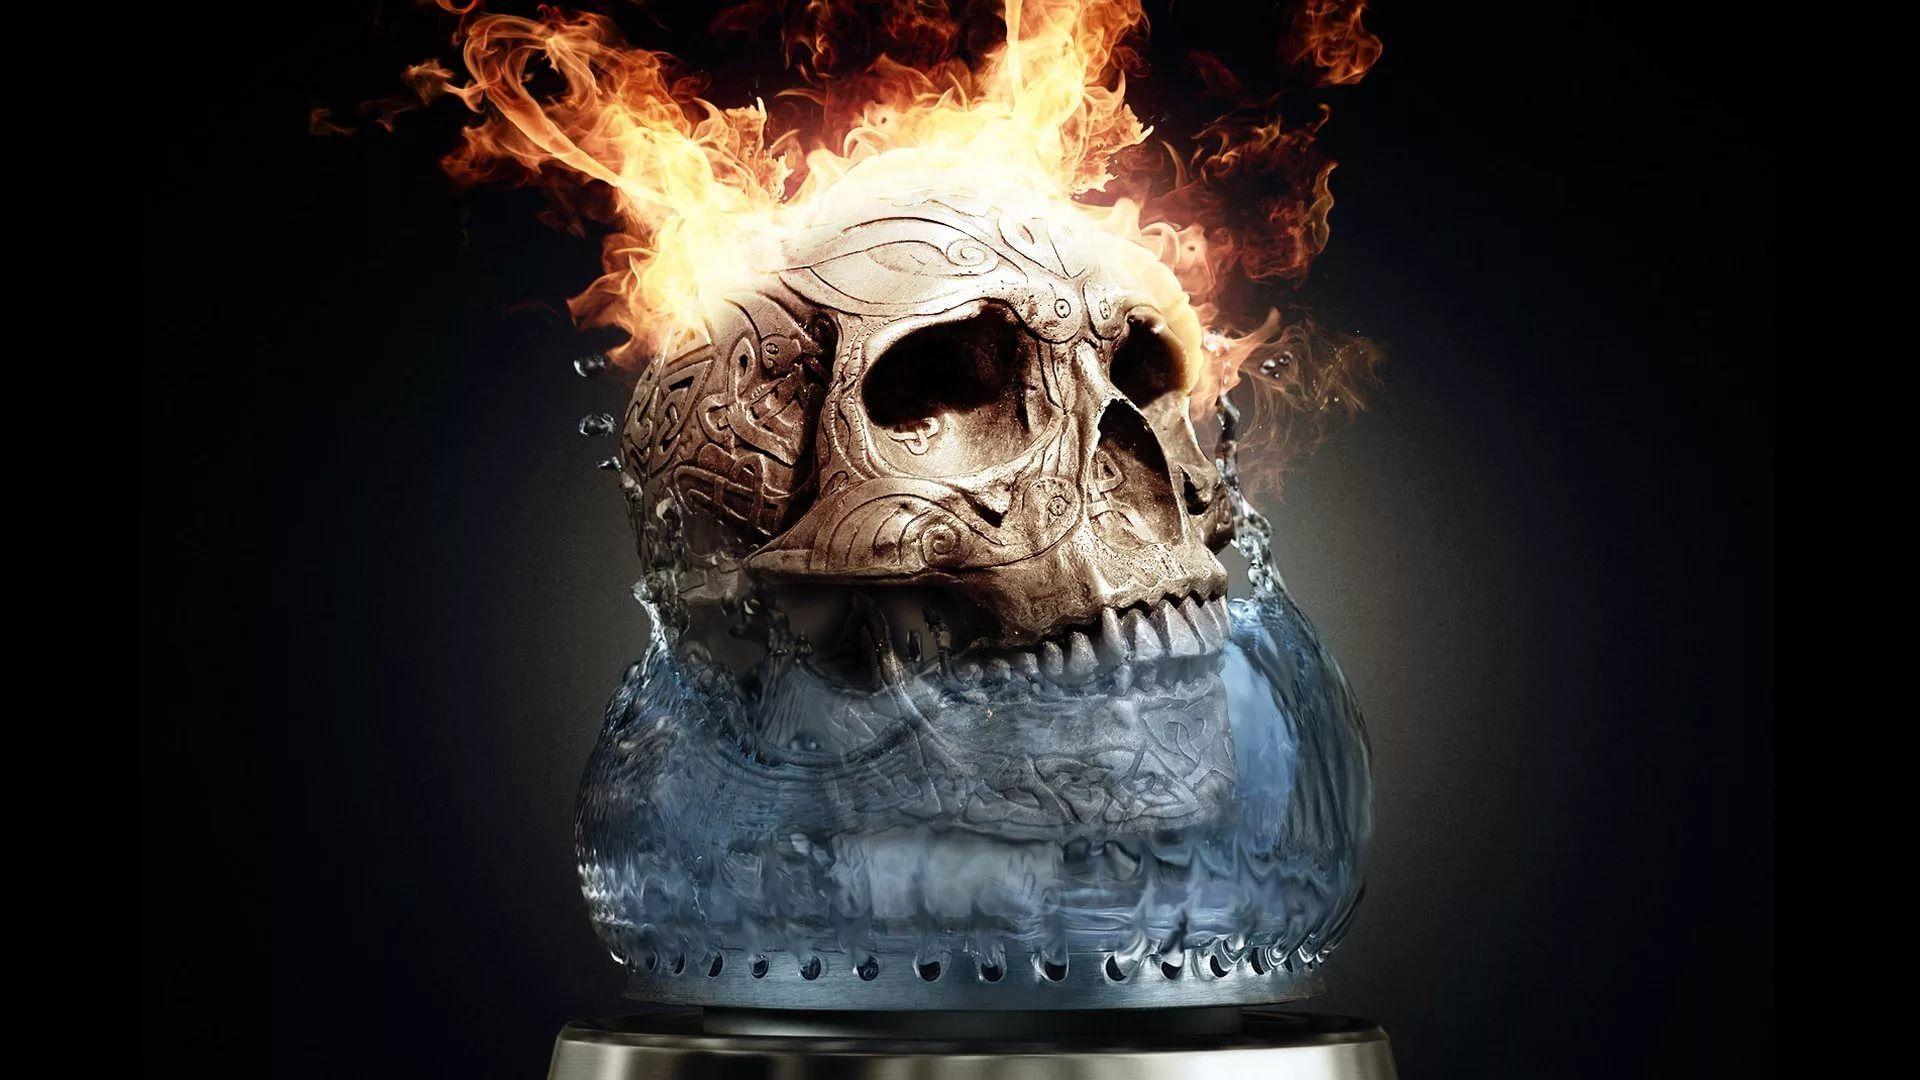 Flaming Skull wallpaper and themes